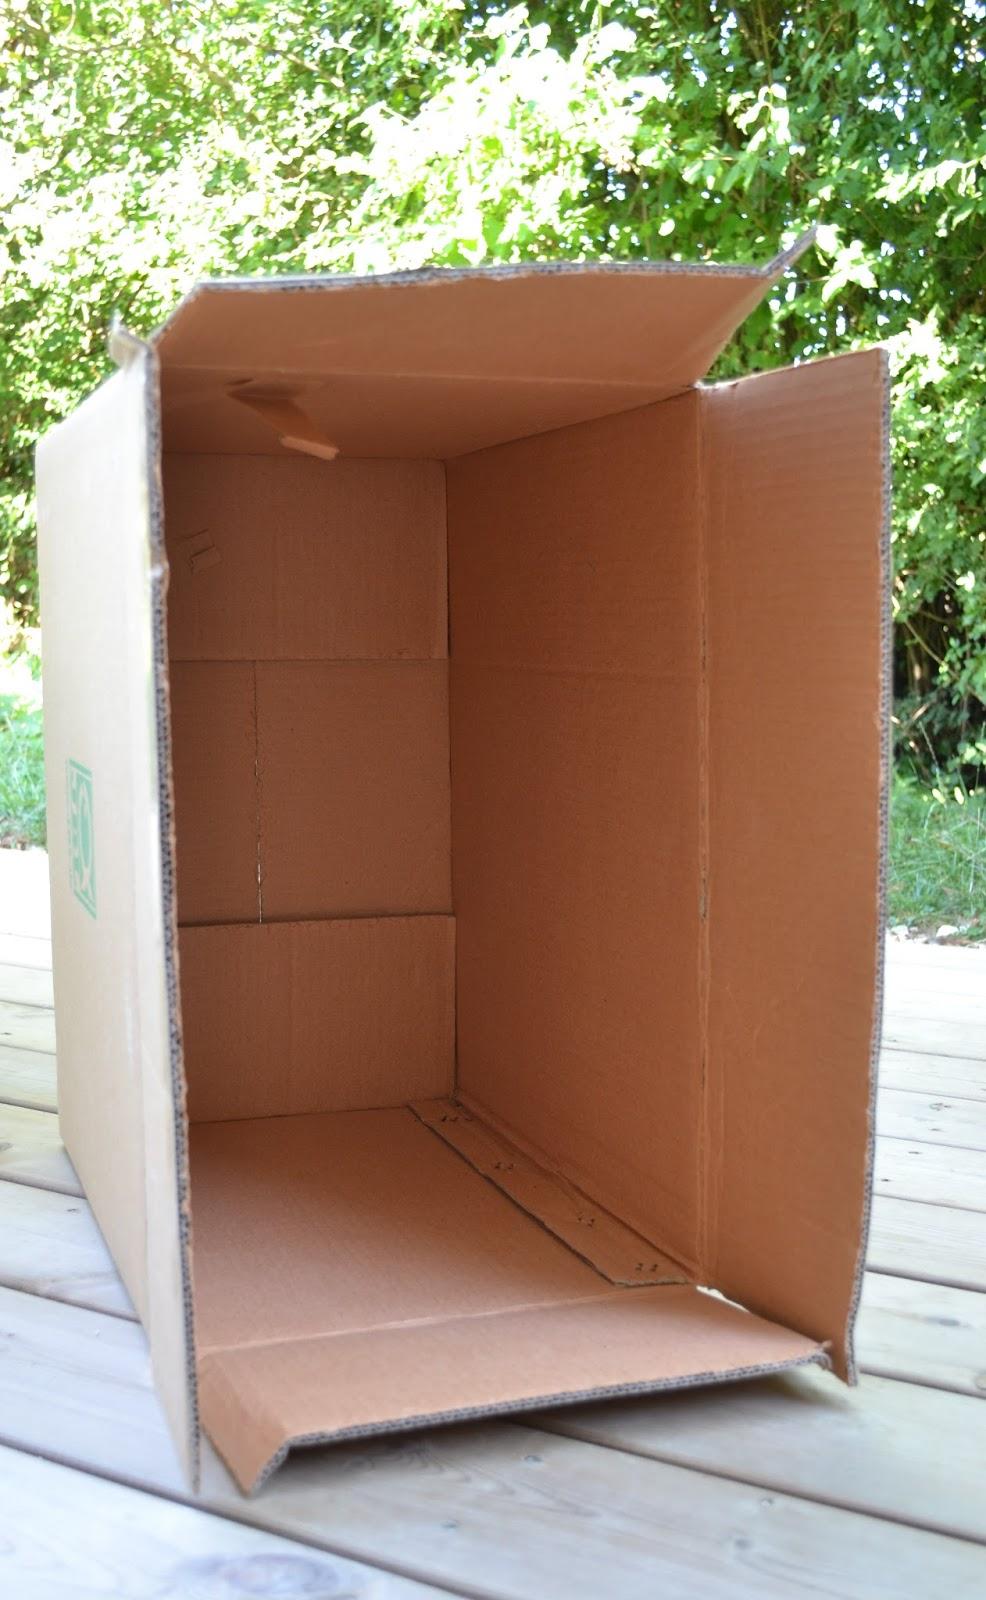 cabane en carton enfant cheap ma maison est en carton with cabane en carton enfant beautiful. Black Bedroom Furniture Sets. Home Design Ideas